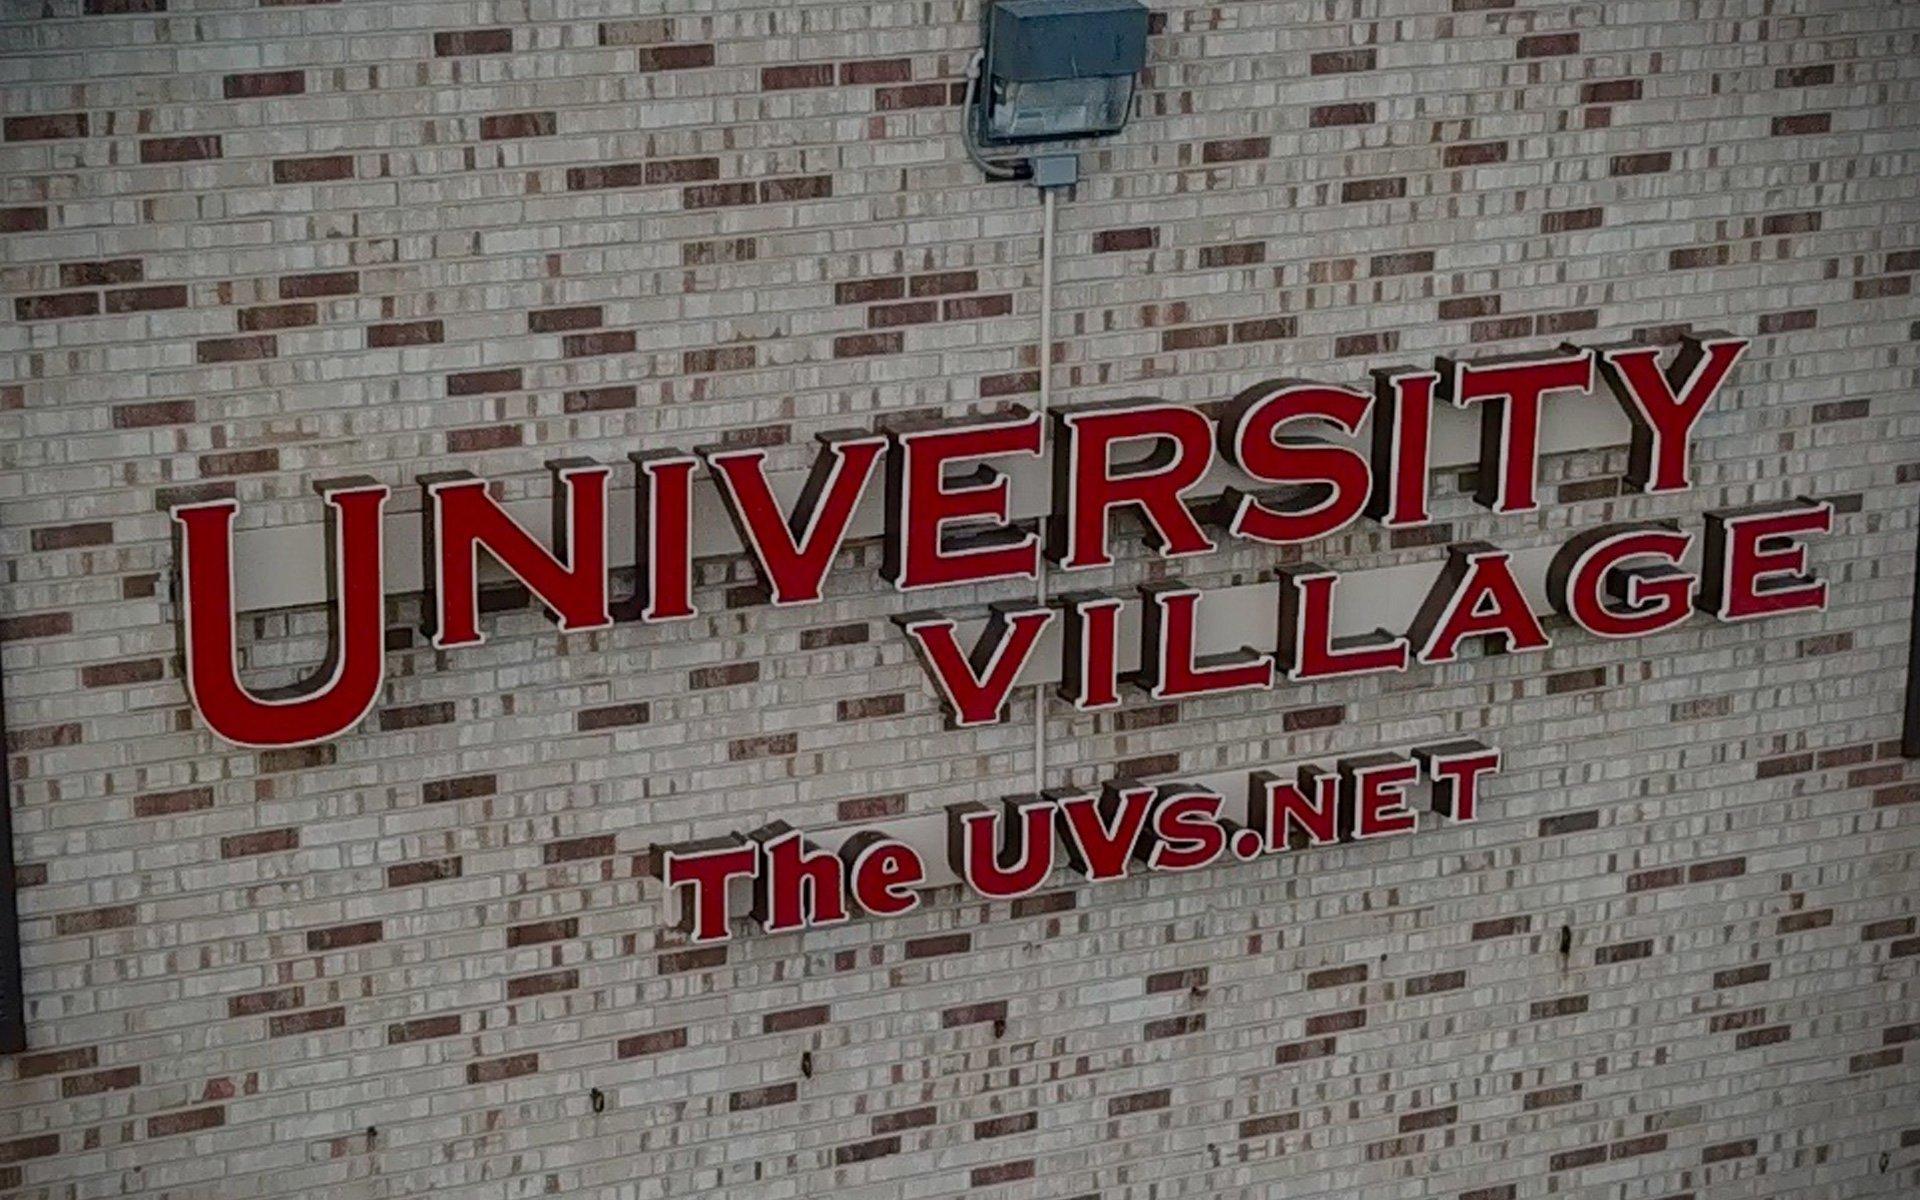 University Village signage